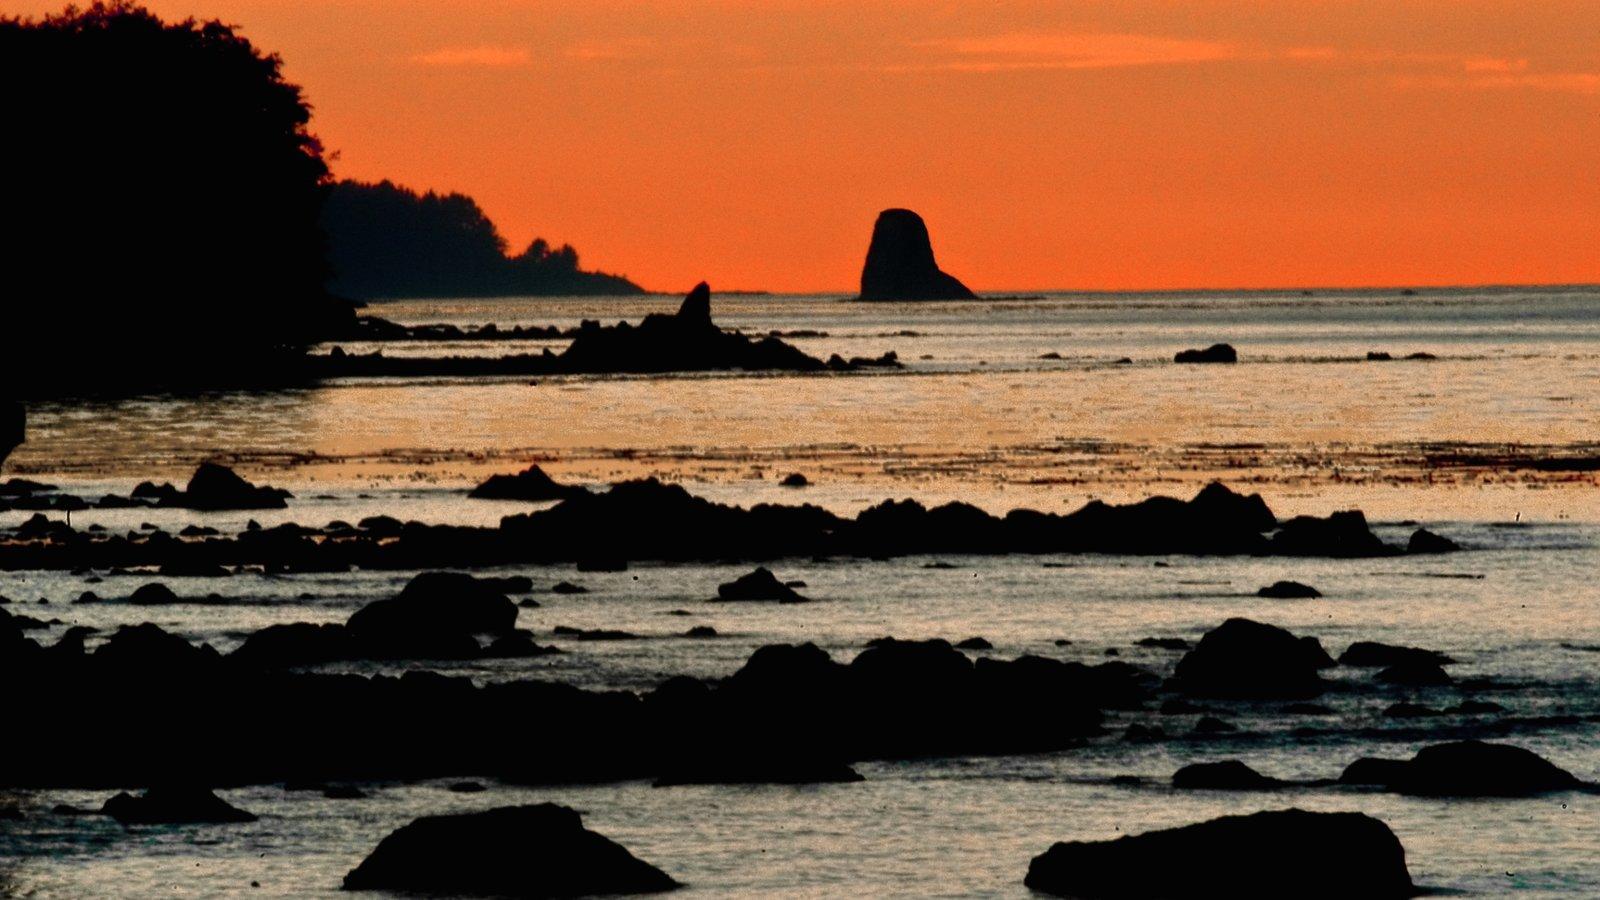 Washington ofreciendo una puesta de sol, costa escarpada y vistas generales de la costa